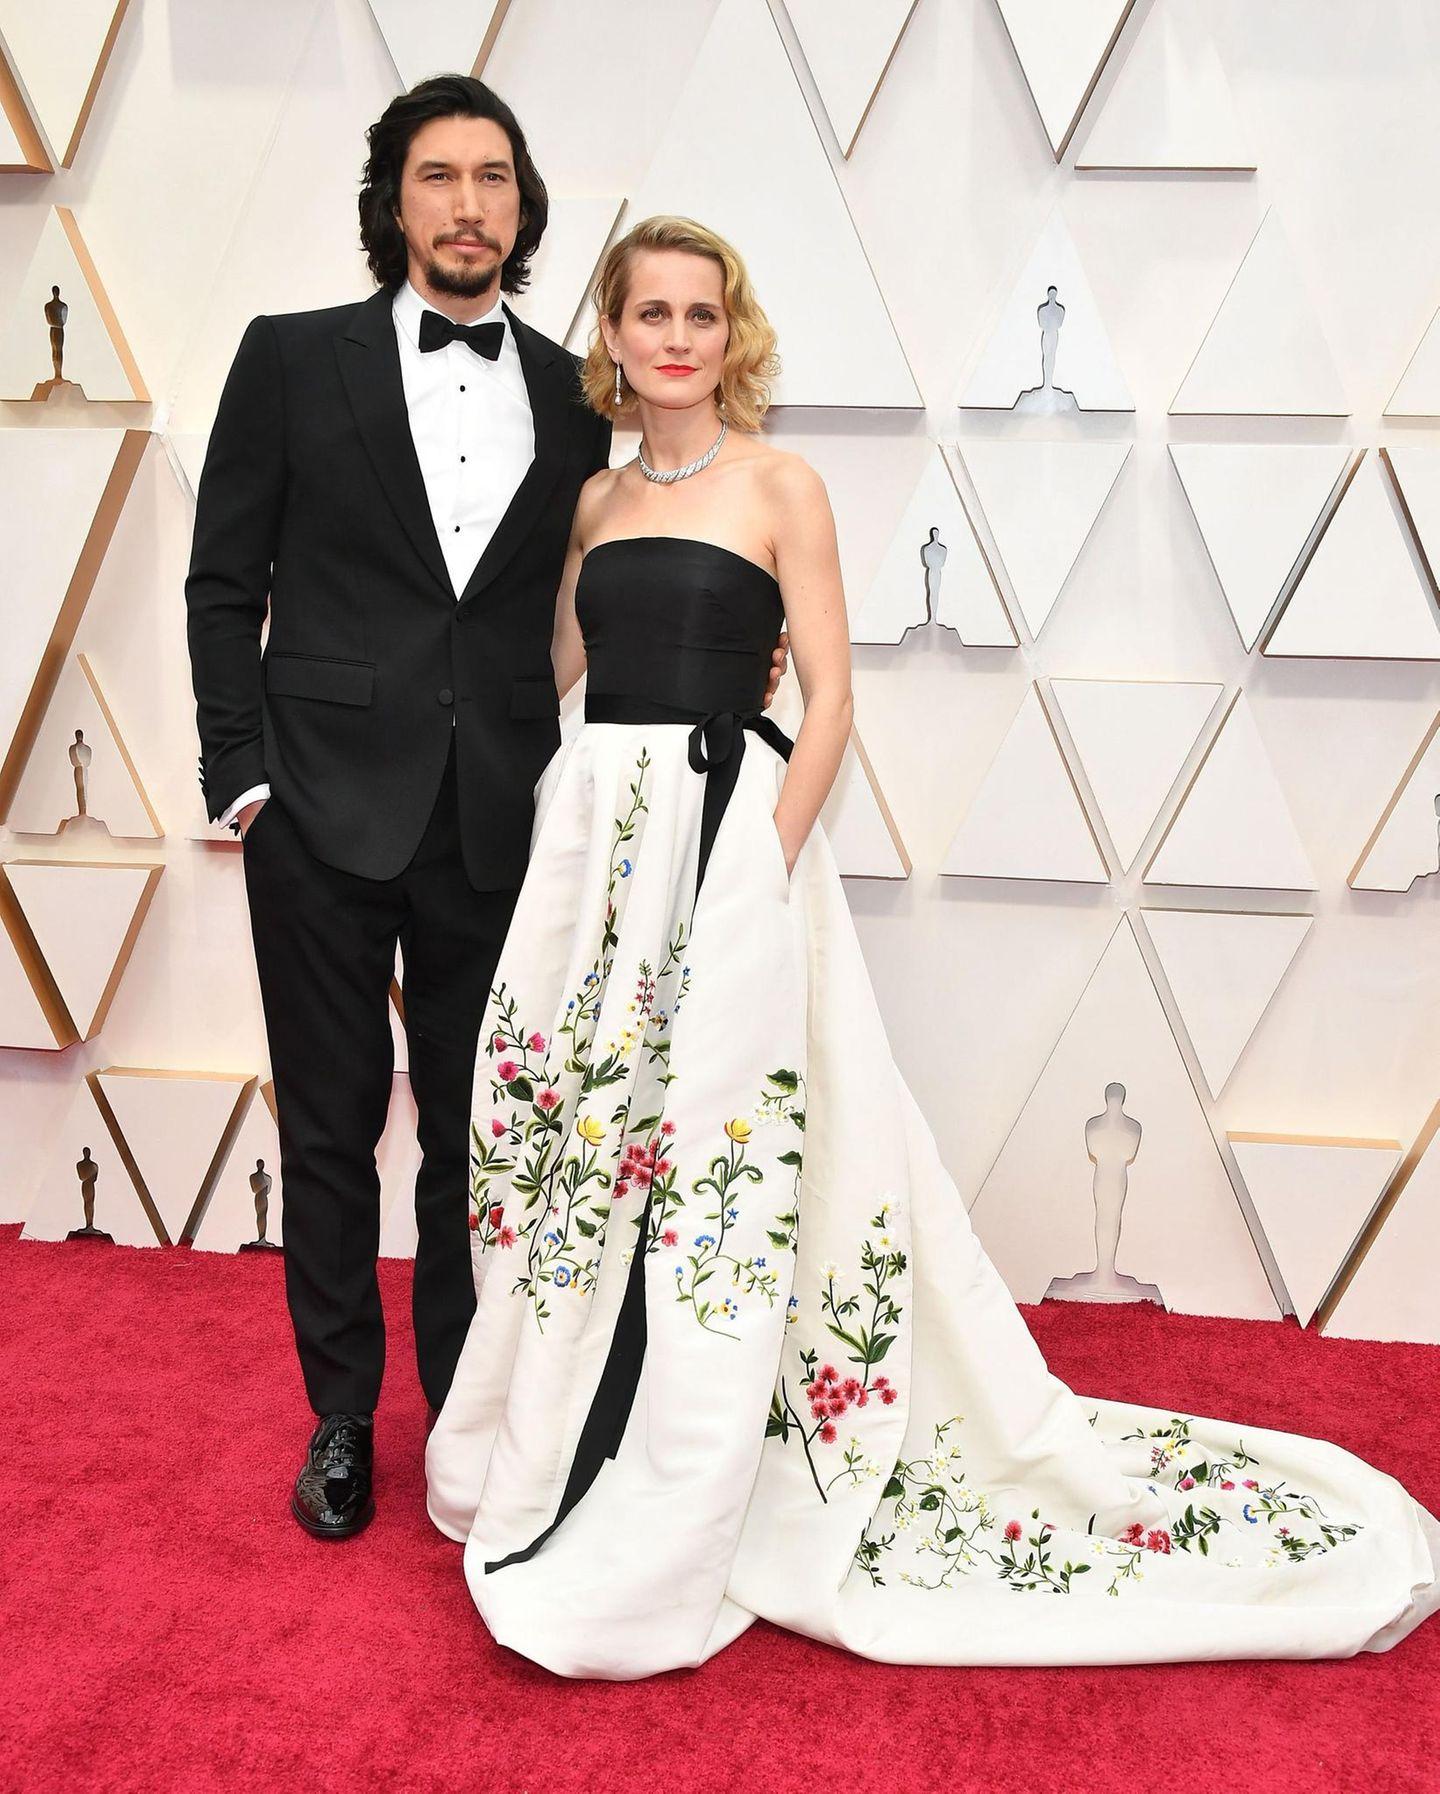 Adam Driver, für ein Scheidungsdrama mit dem Oscar nominiert, hat im echten Leben mehr Glück in der Liebe und sieht mit seiner FrauJoanne Tucker einfach gut aus auf dem roten Teppich.